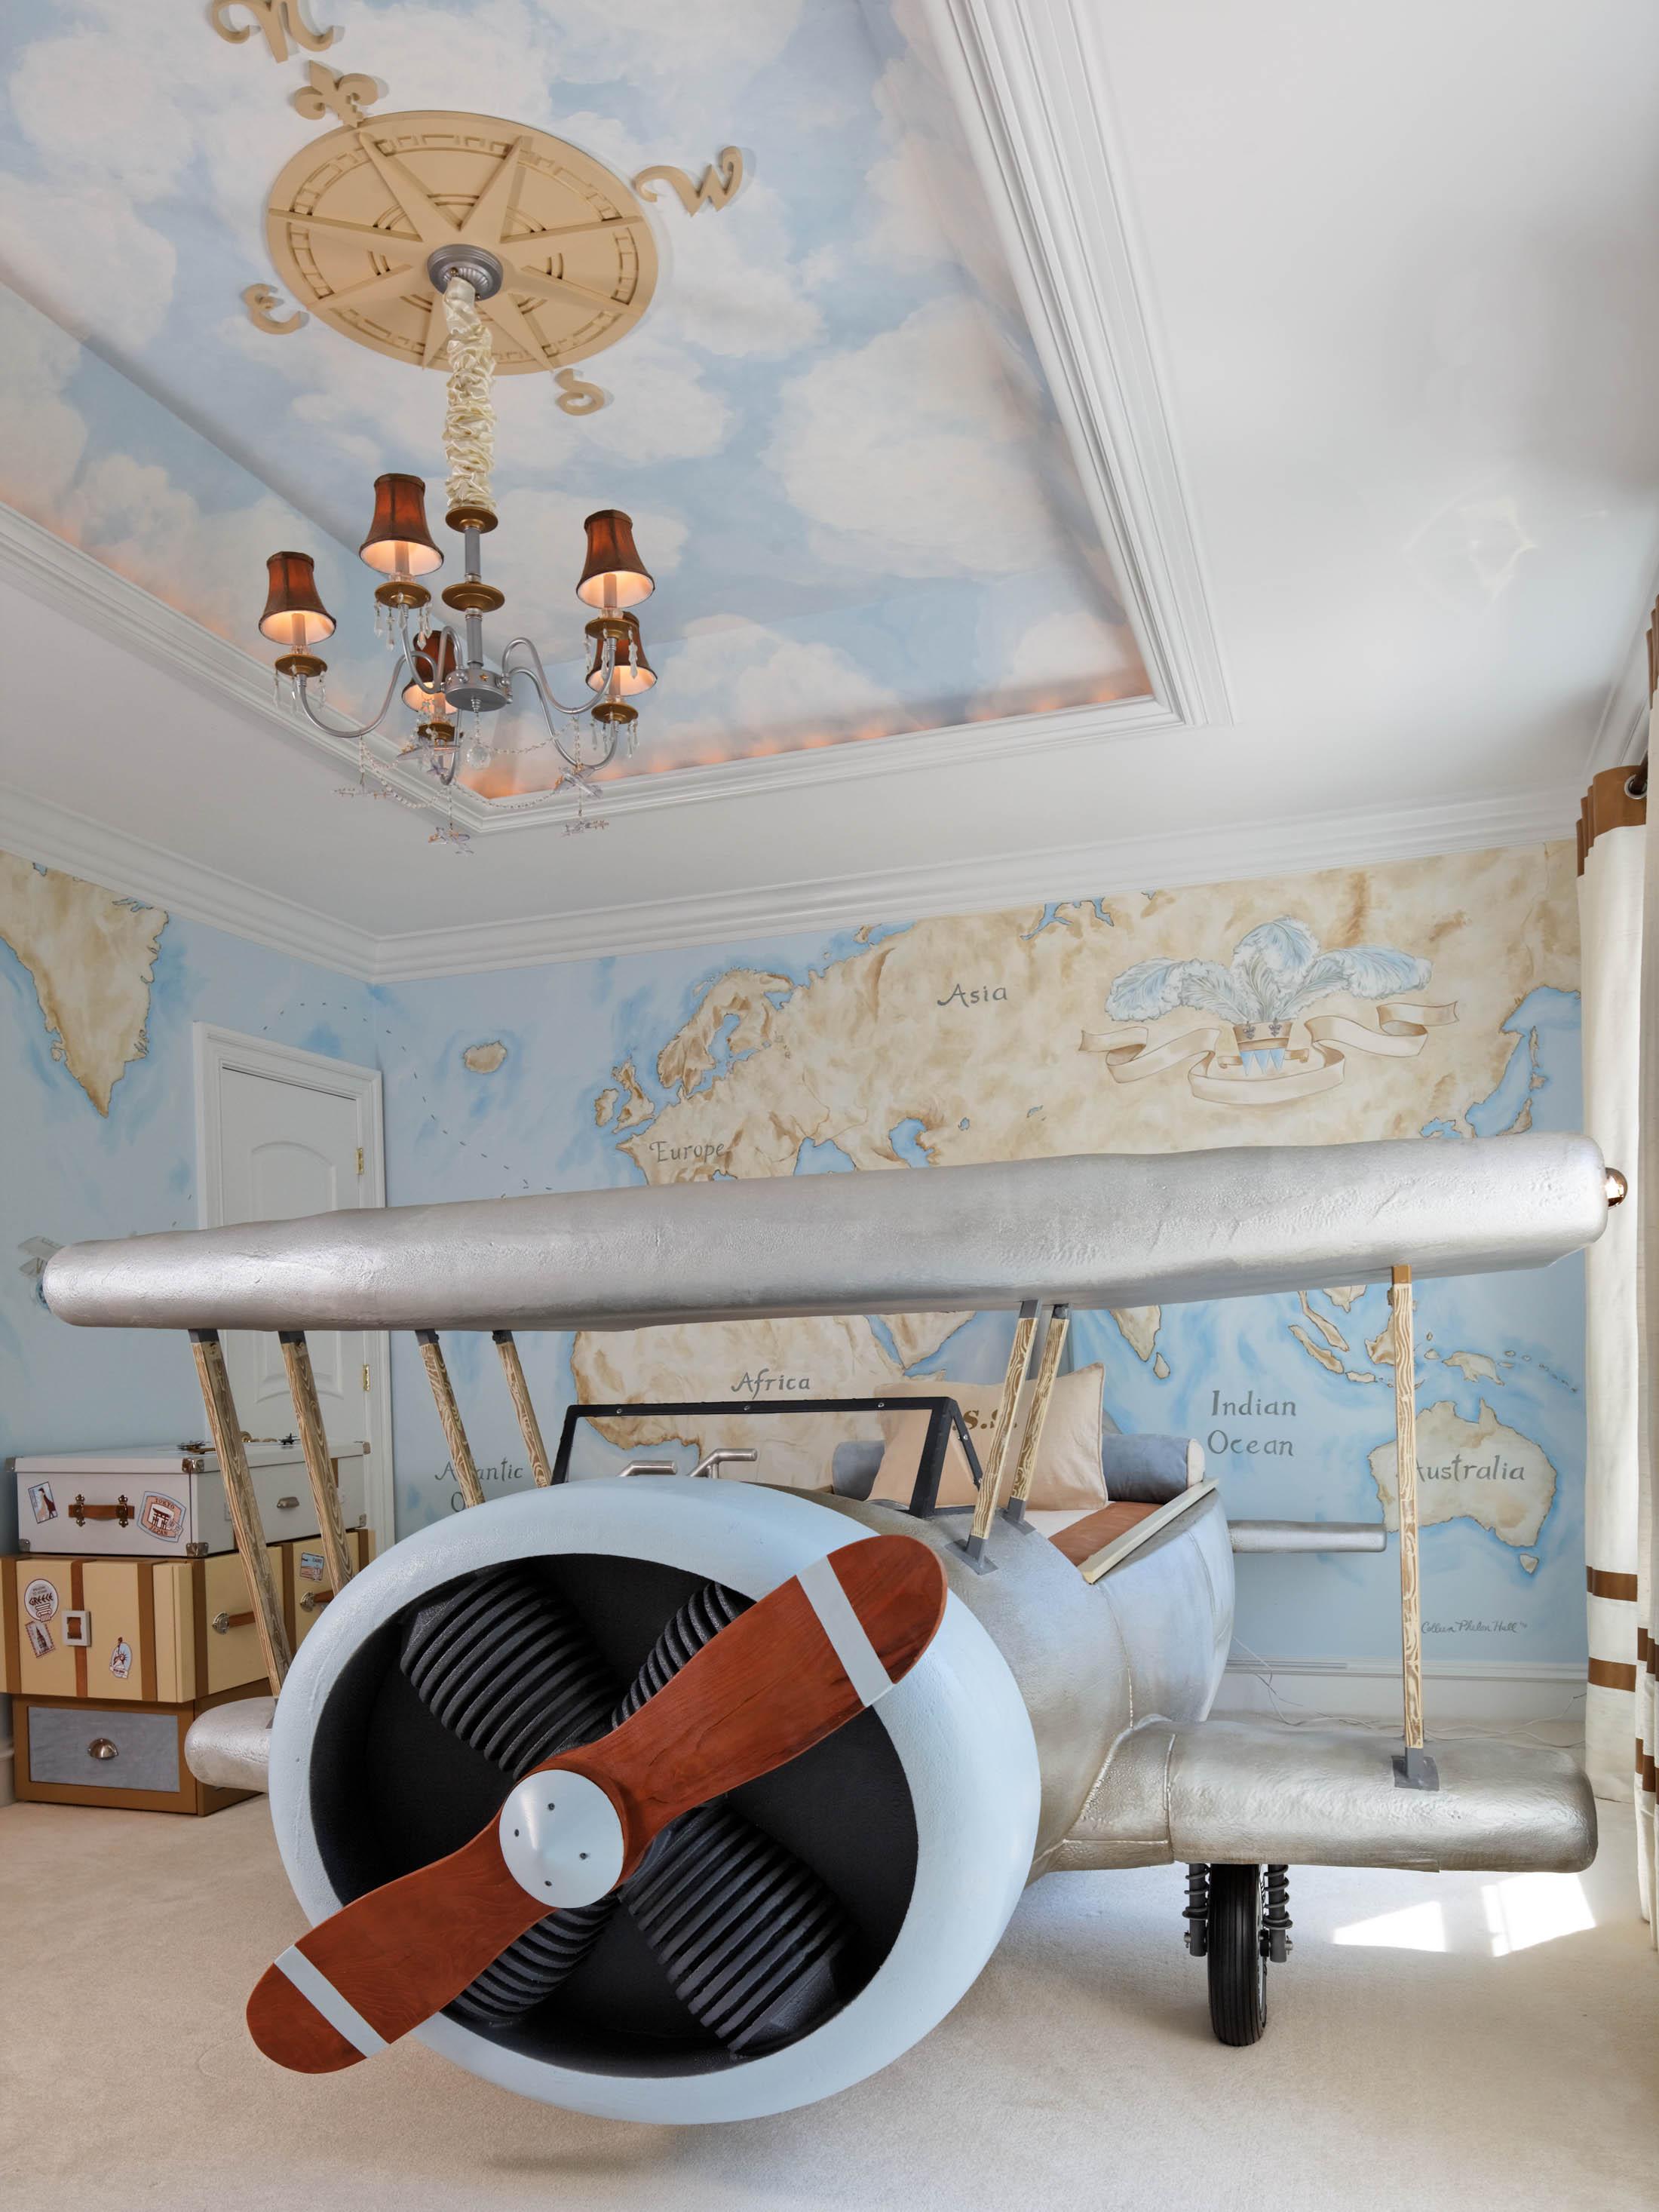 Красивый подвесной потолок из гипсокартона — это замечательная возможность подчеркнуть дизайн детской комнаты и повысить ее звукоизоляцию